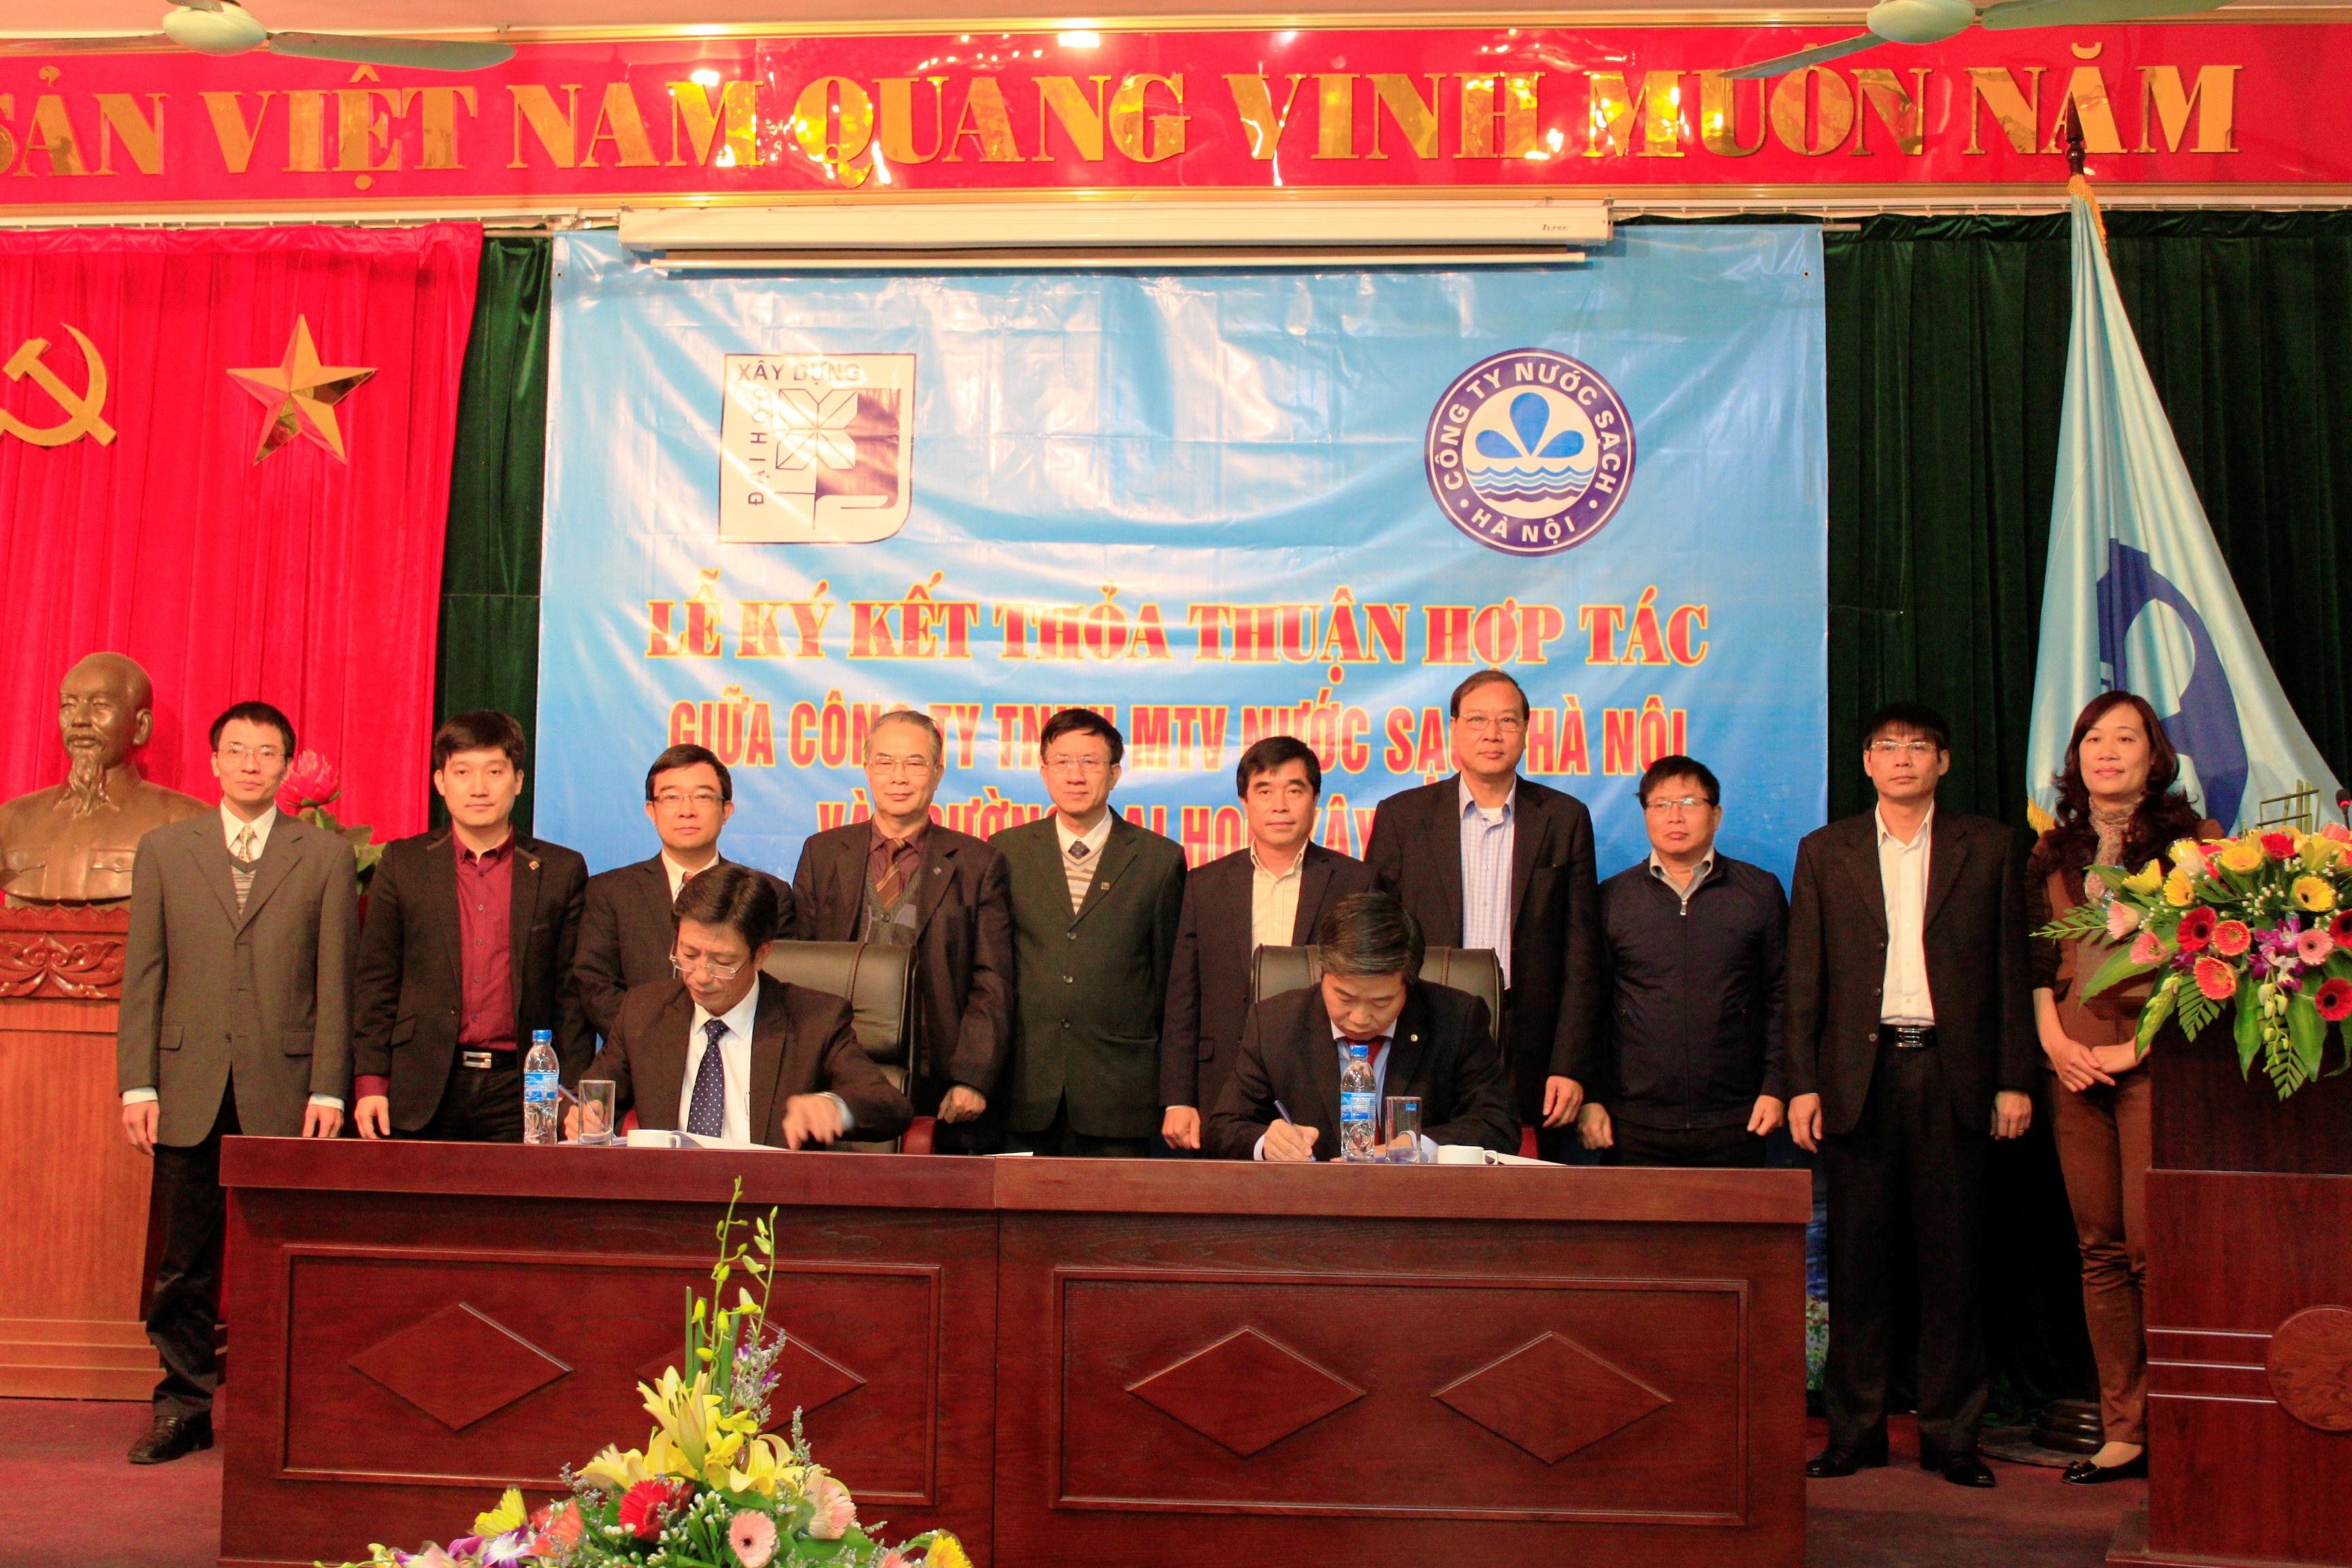 Ký kết thỏa thuận hợp tác toàn diện giữa ĐHXD với CT Nước sạch Hà Nội